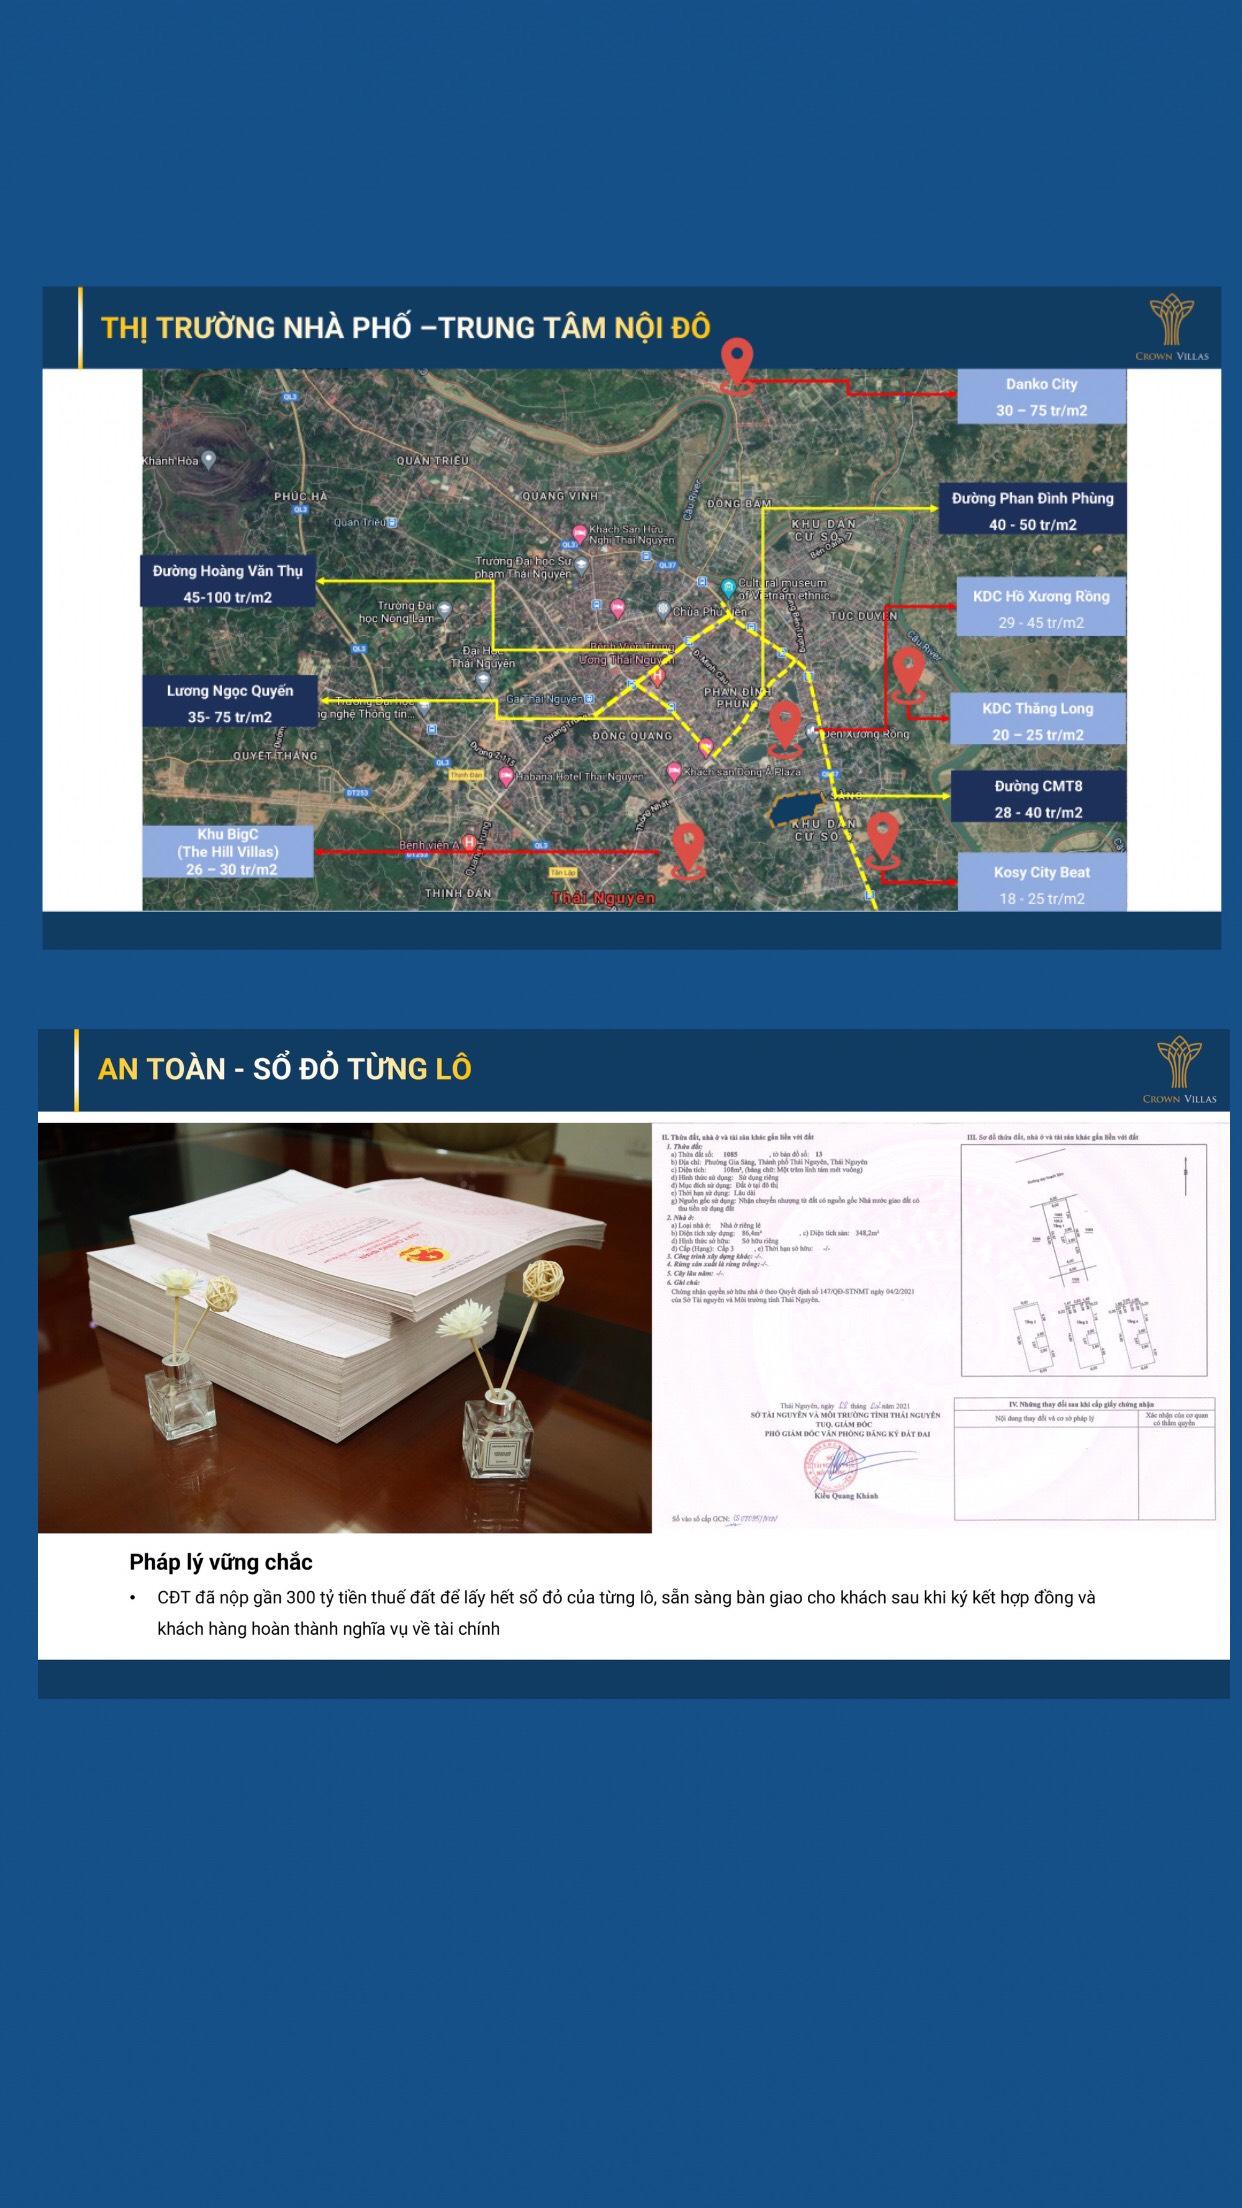 Mua ngay Crown Villas Thái Hưng - Dự án đẳng cấp bậc nhất Thái Nguyên